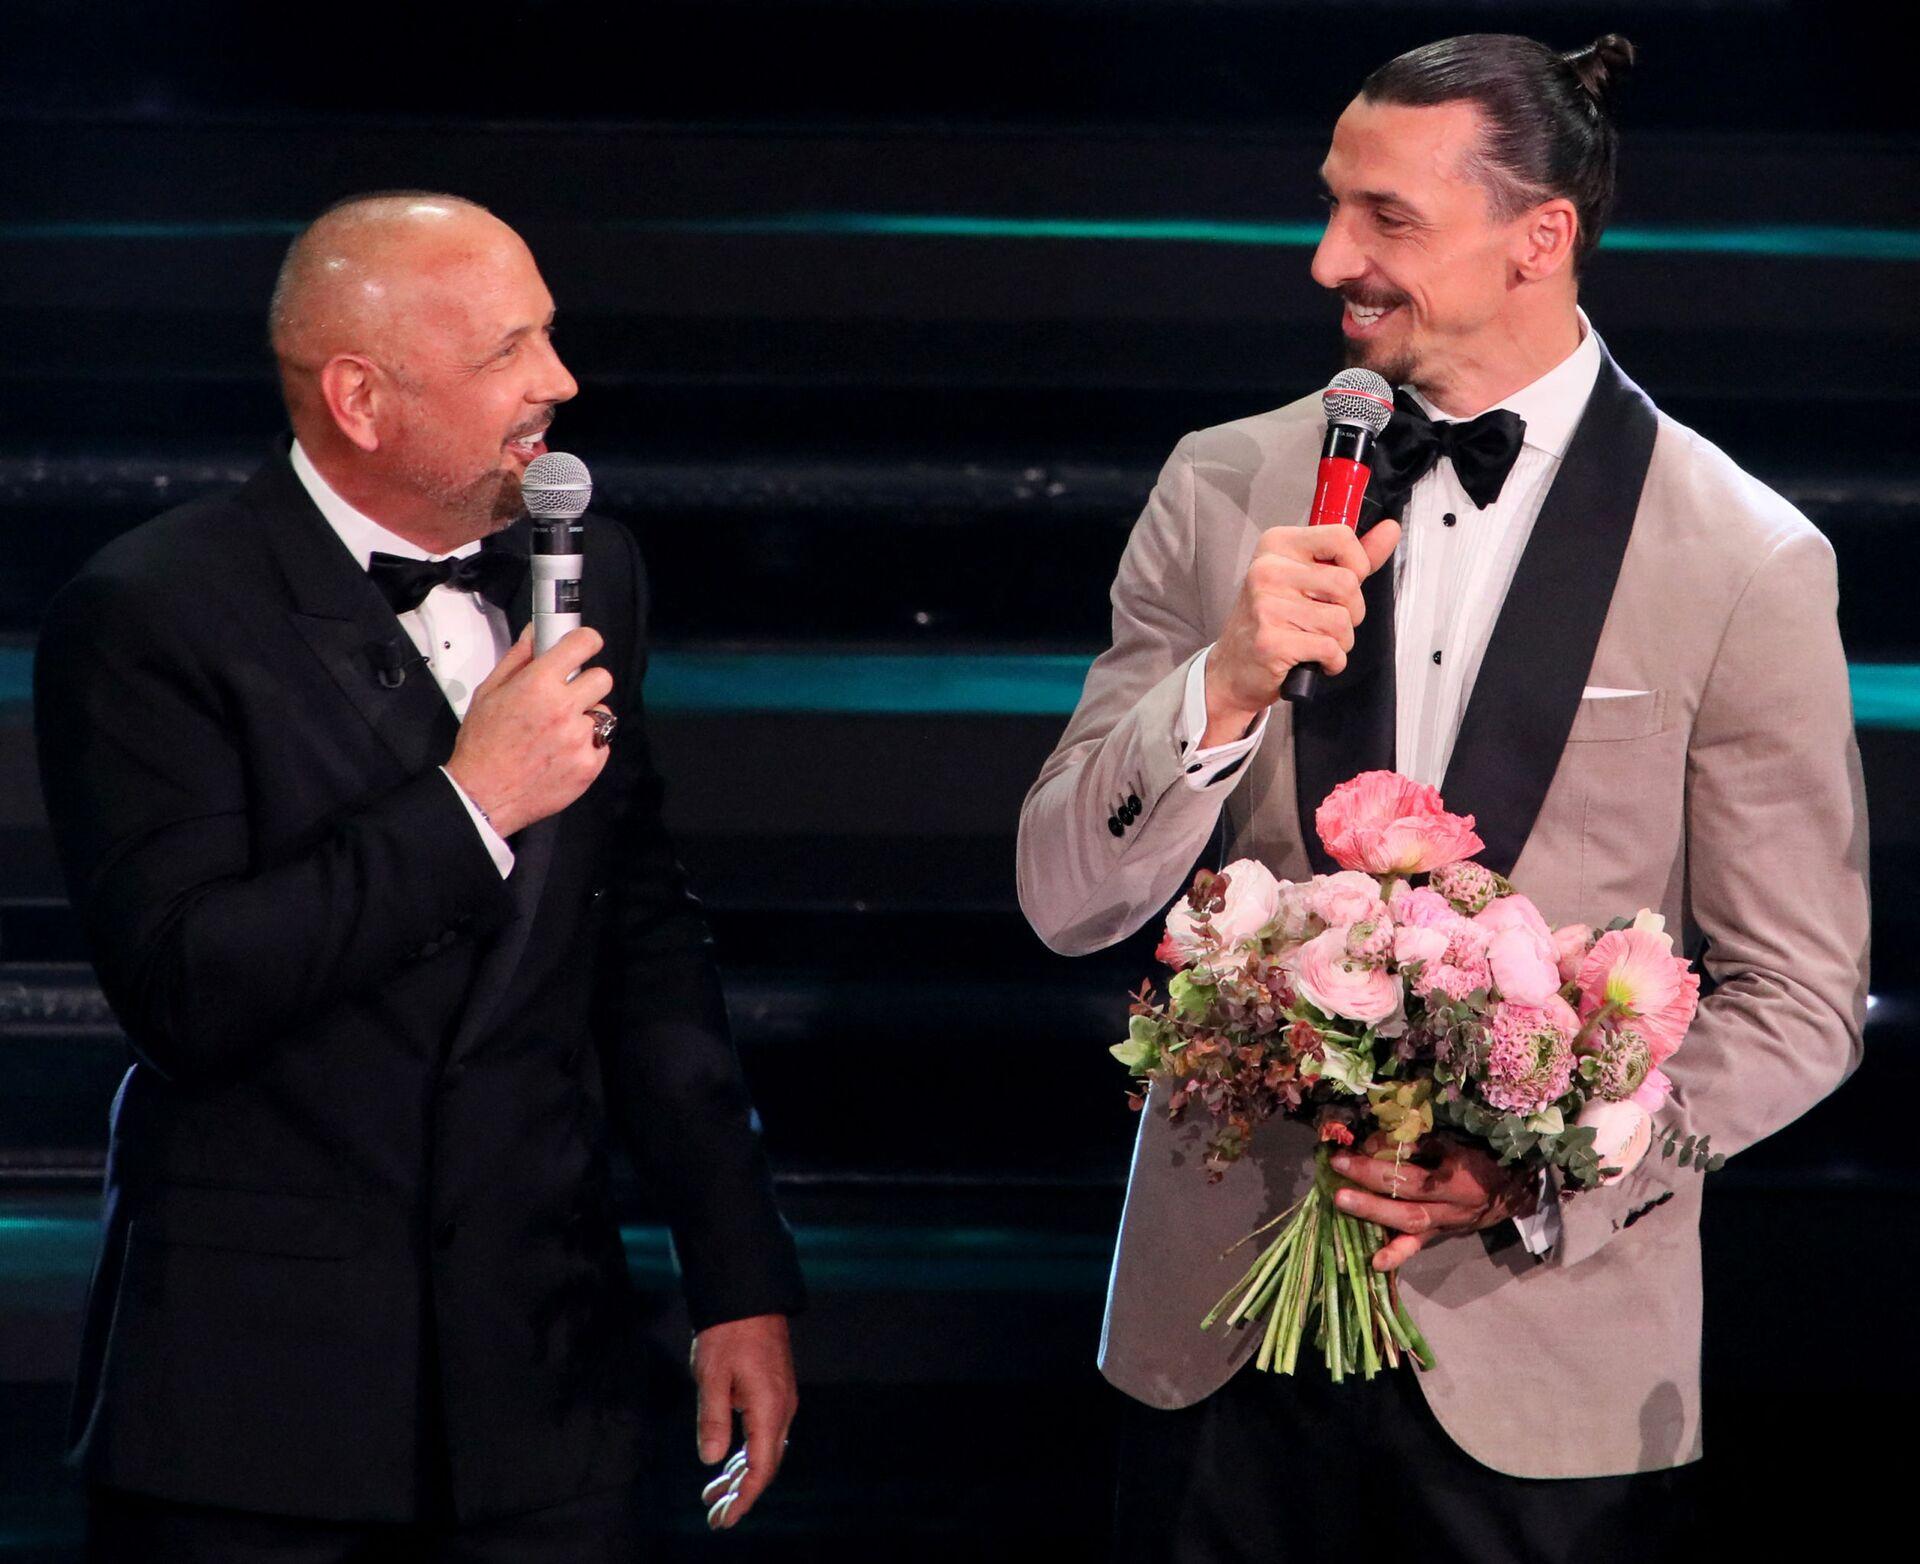 Миха и Златан се појавили на Санрему и направили шоу /видео/ - Sputnik Србија, 1920, 05.03.2021